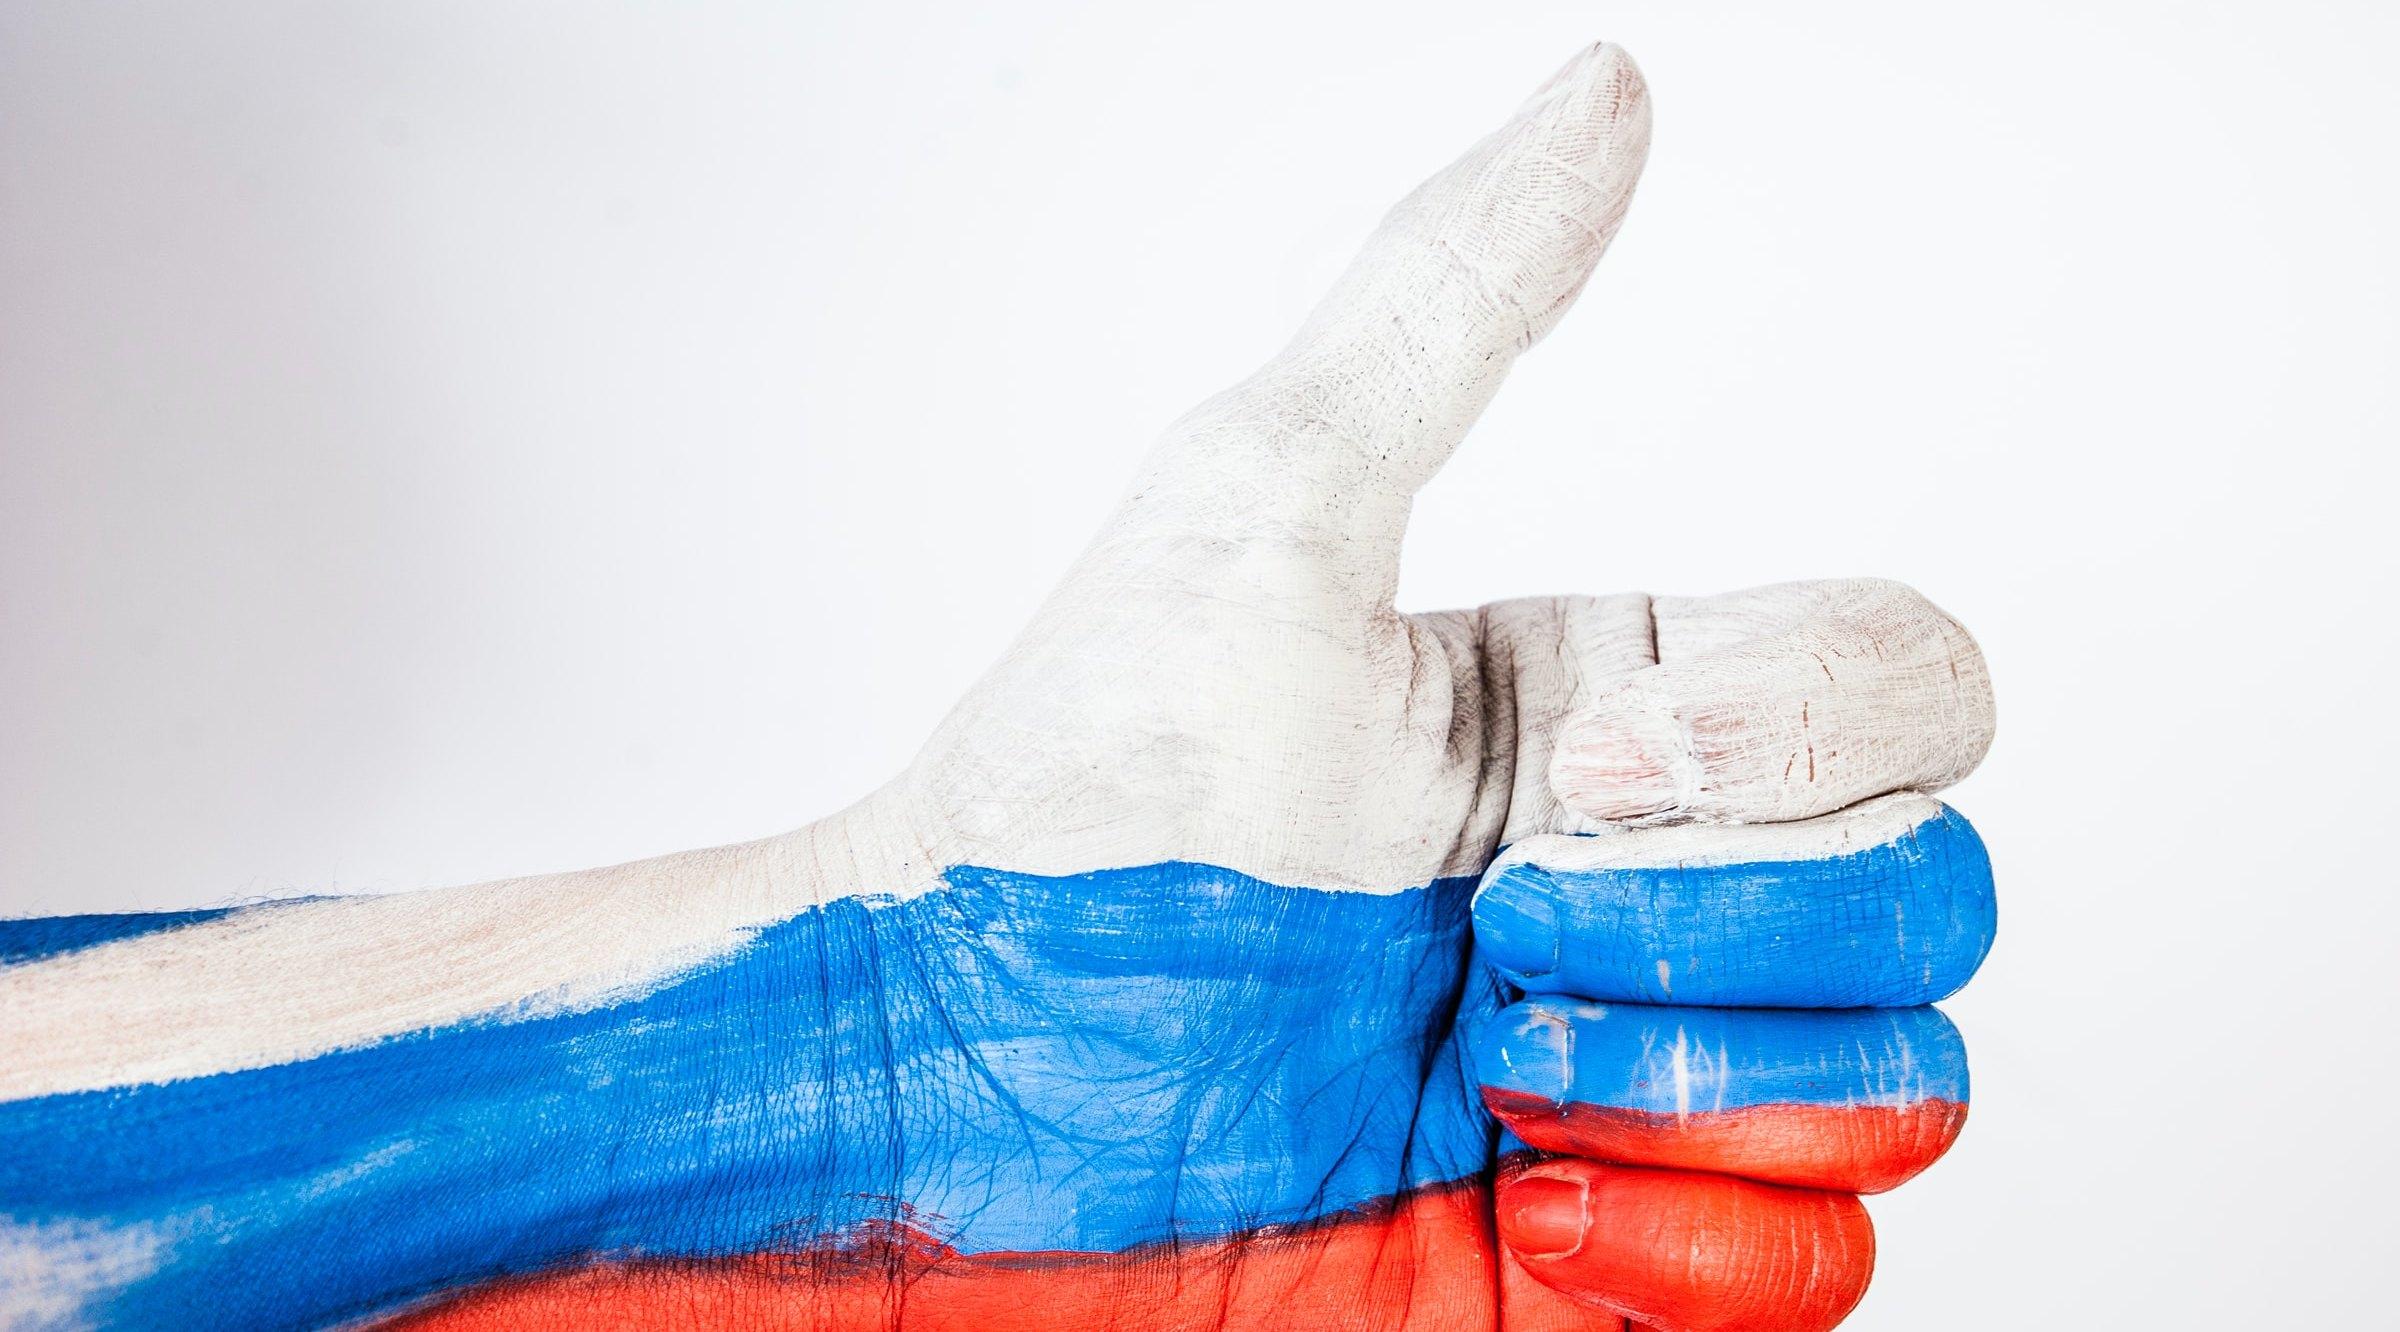 Сборная России по футболу решила бойкотировать соцсети на три дня